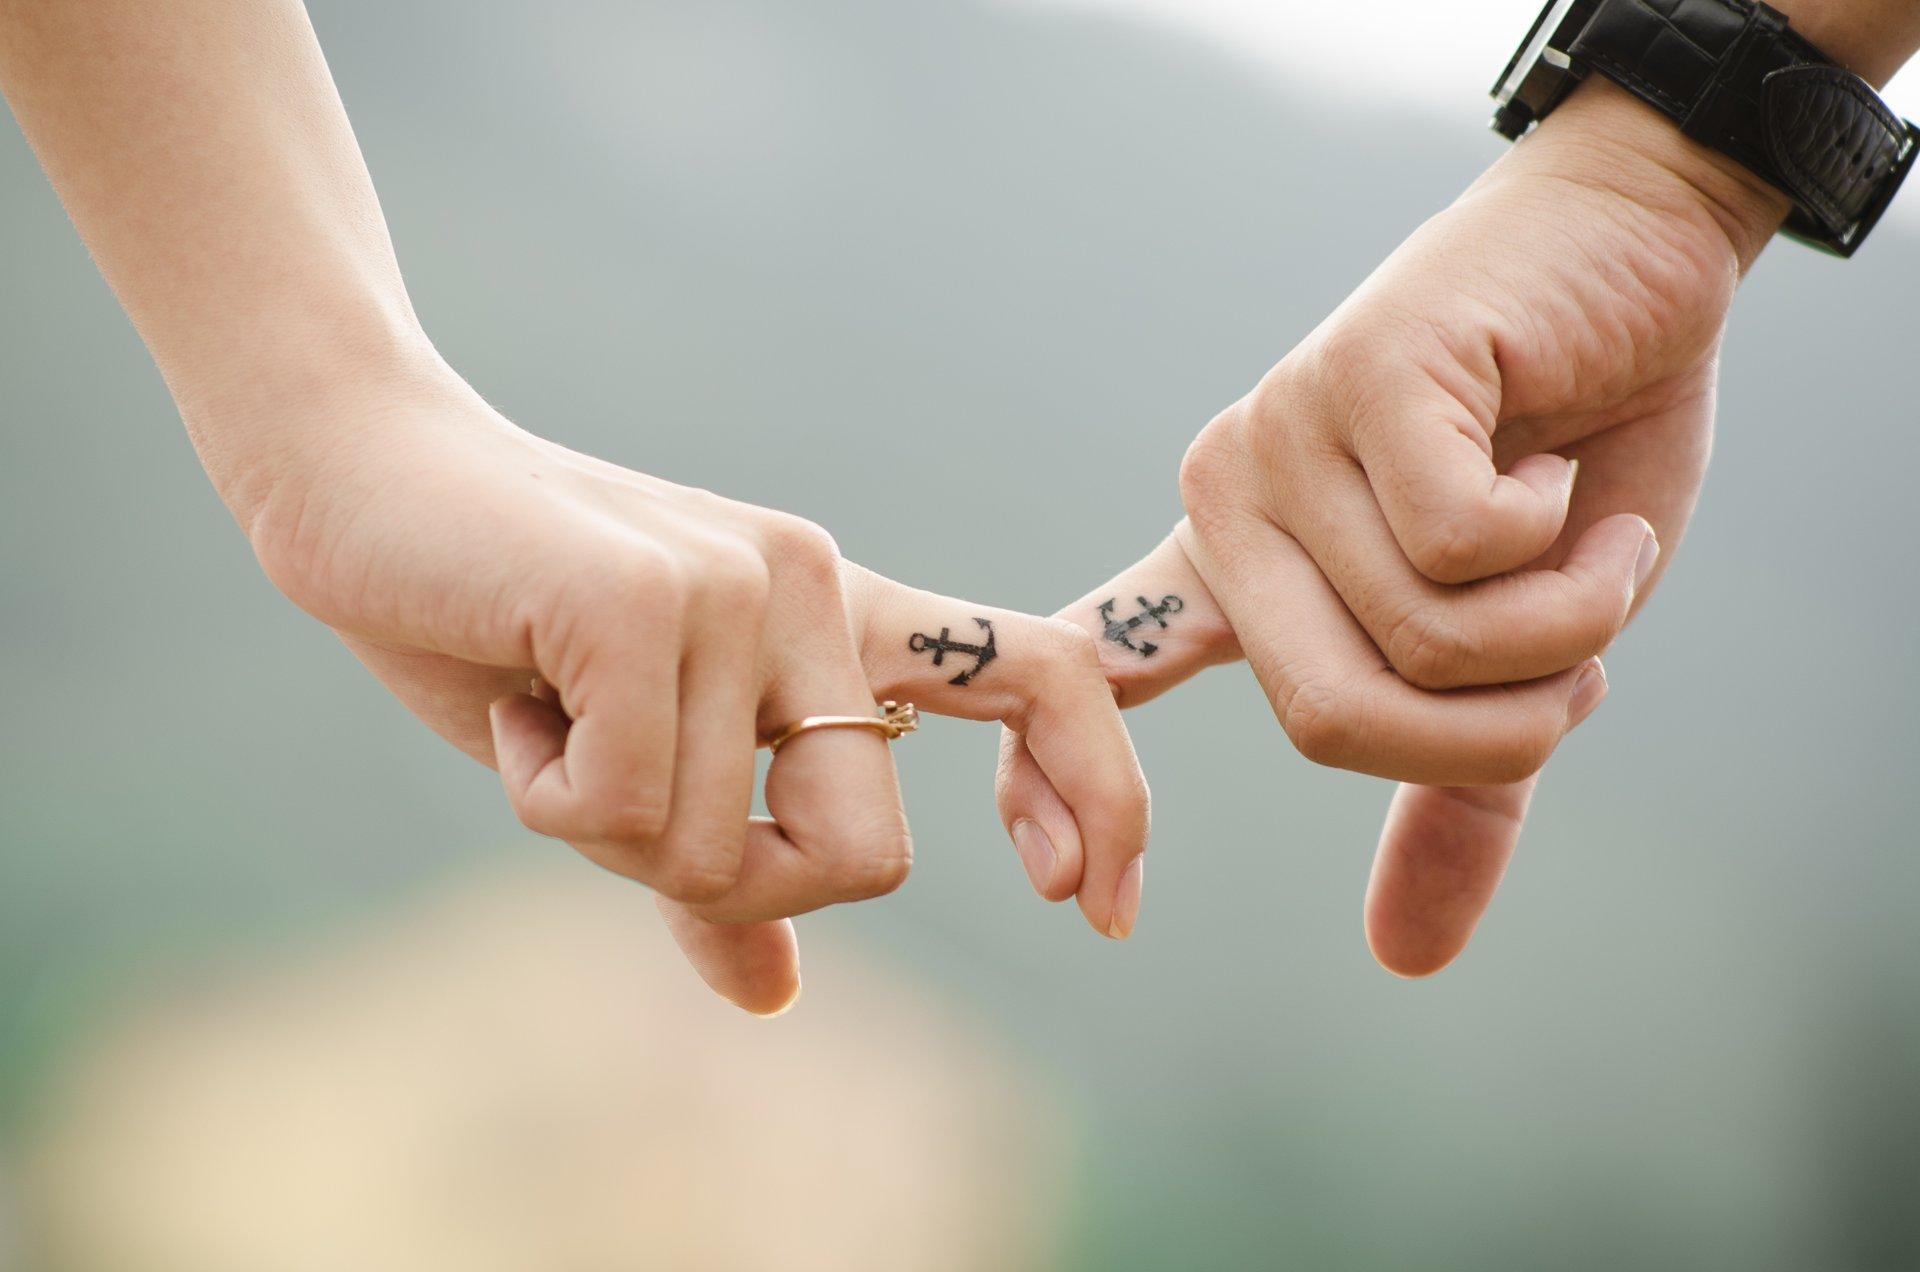 Hình ảnh nắm tay crush